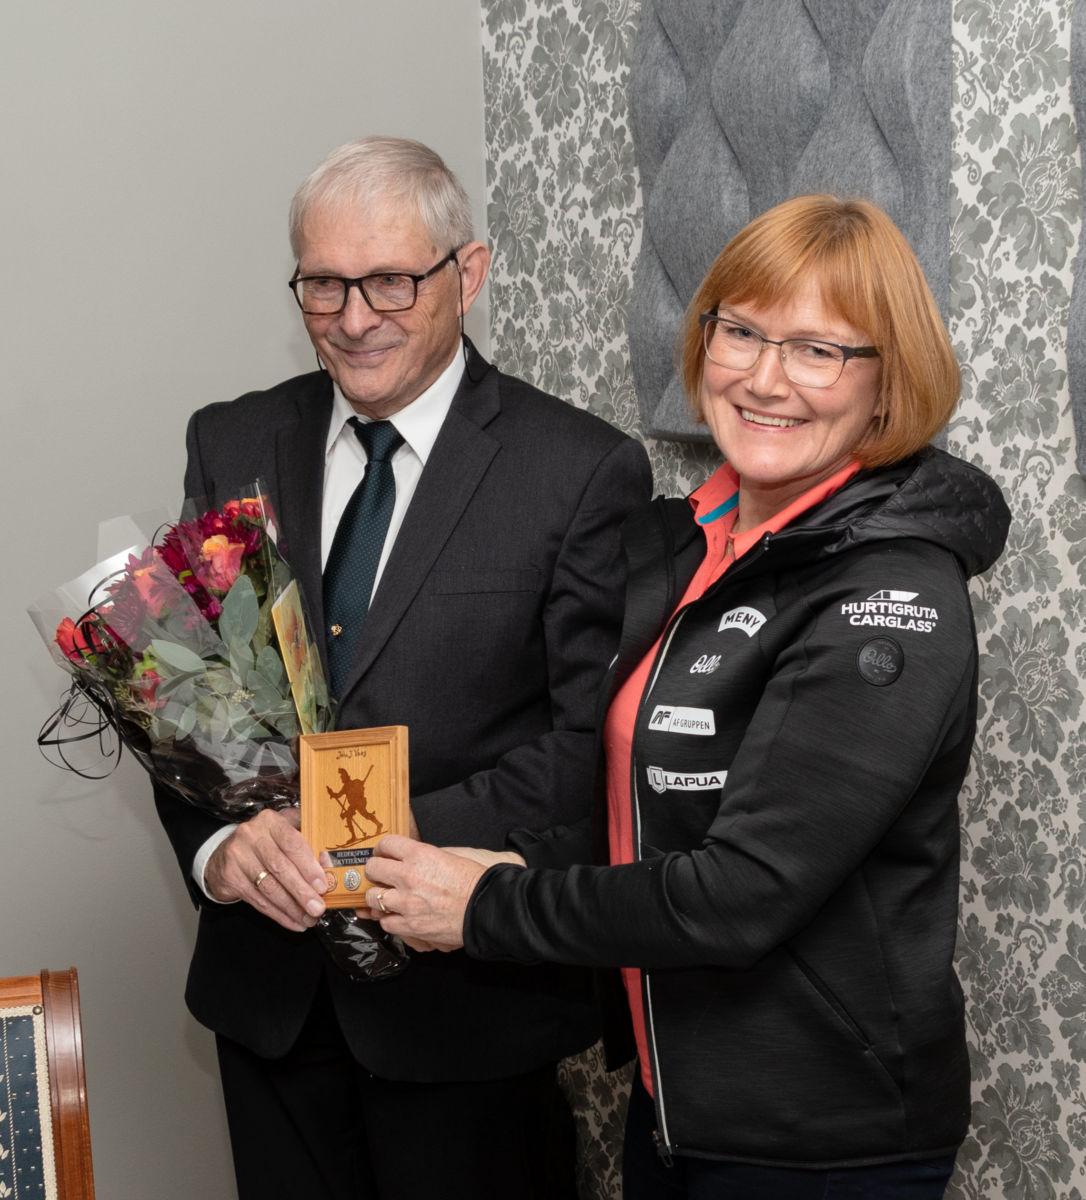 Det var Lisbeth Gederaas overrakte prisen til Johs. Vaag.  Foto: INF